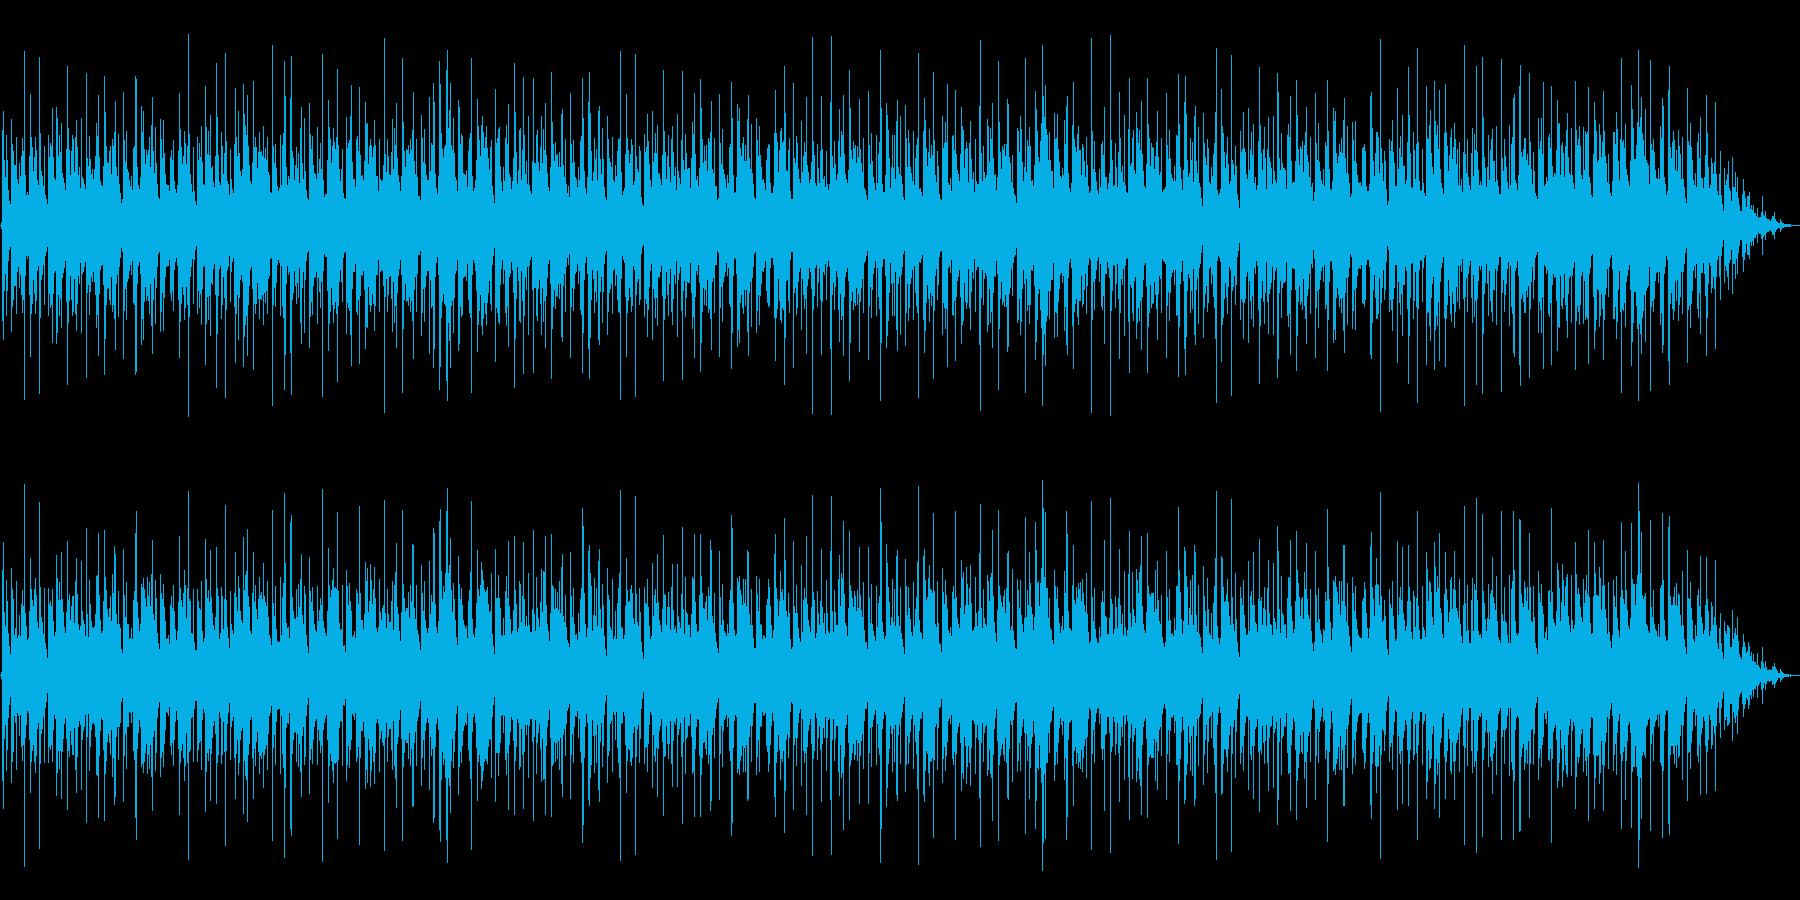 クールでシンプルなピアノトリオジャズの再生済みの波形